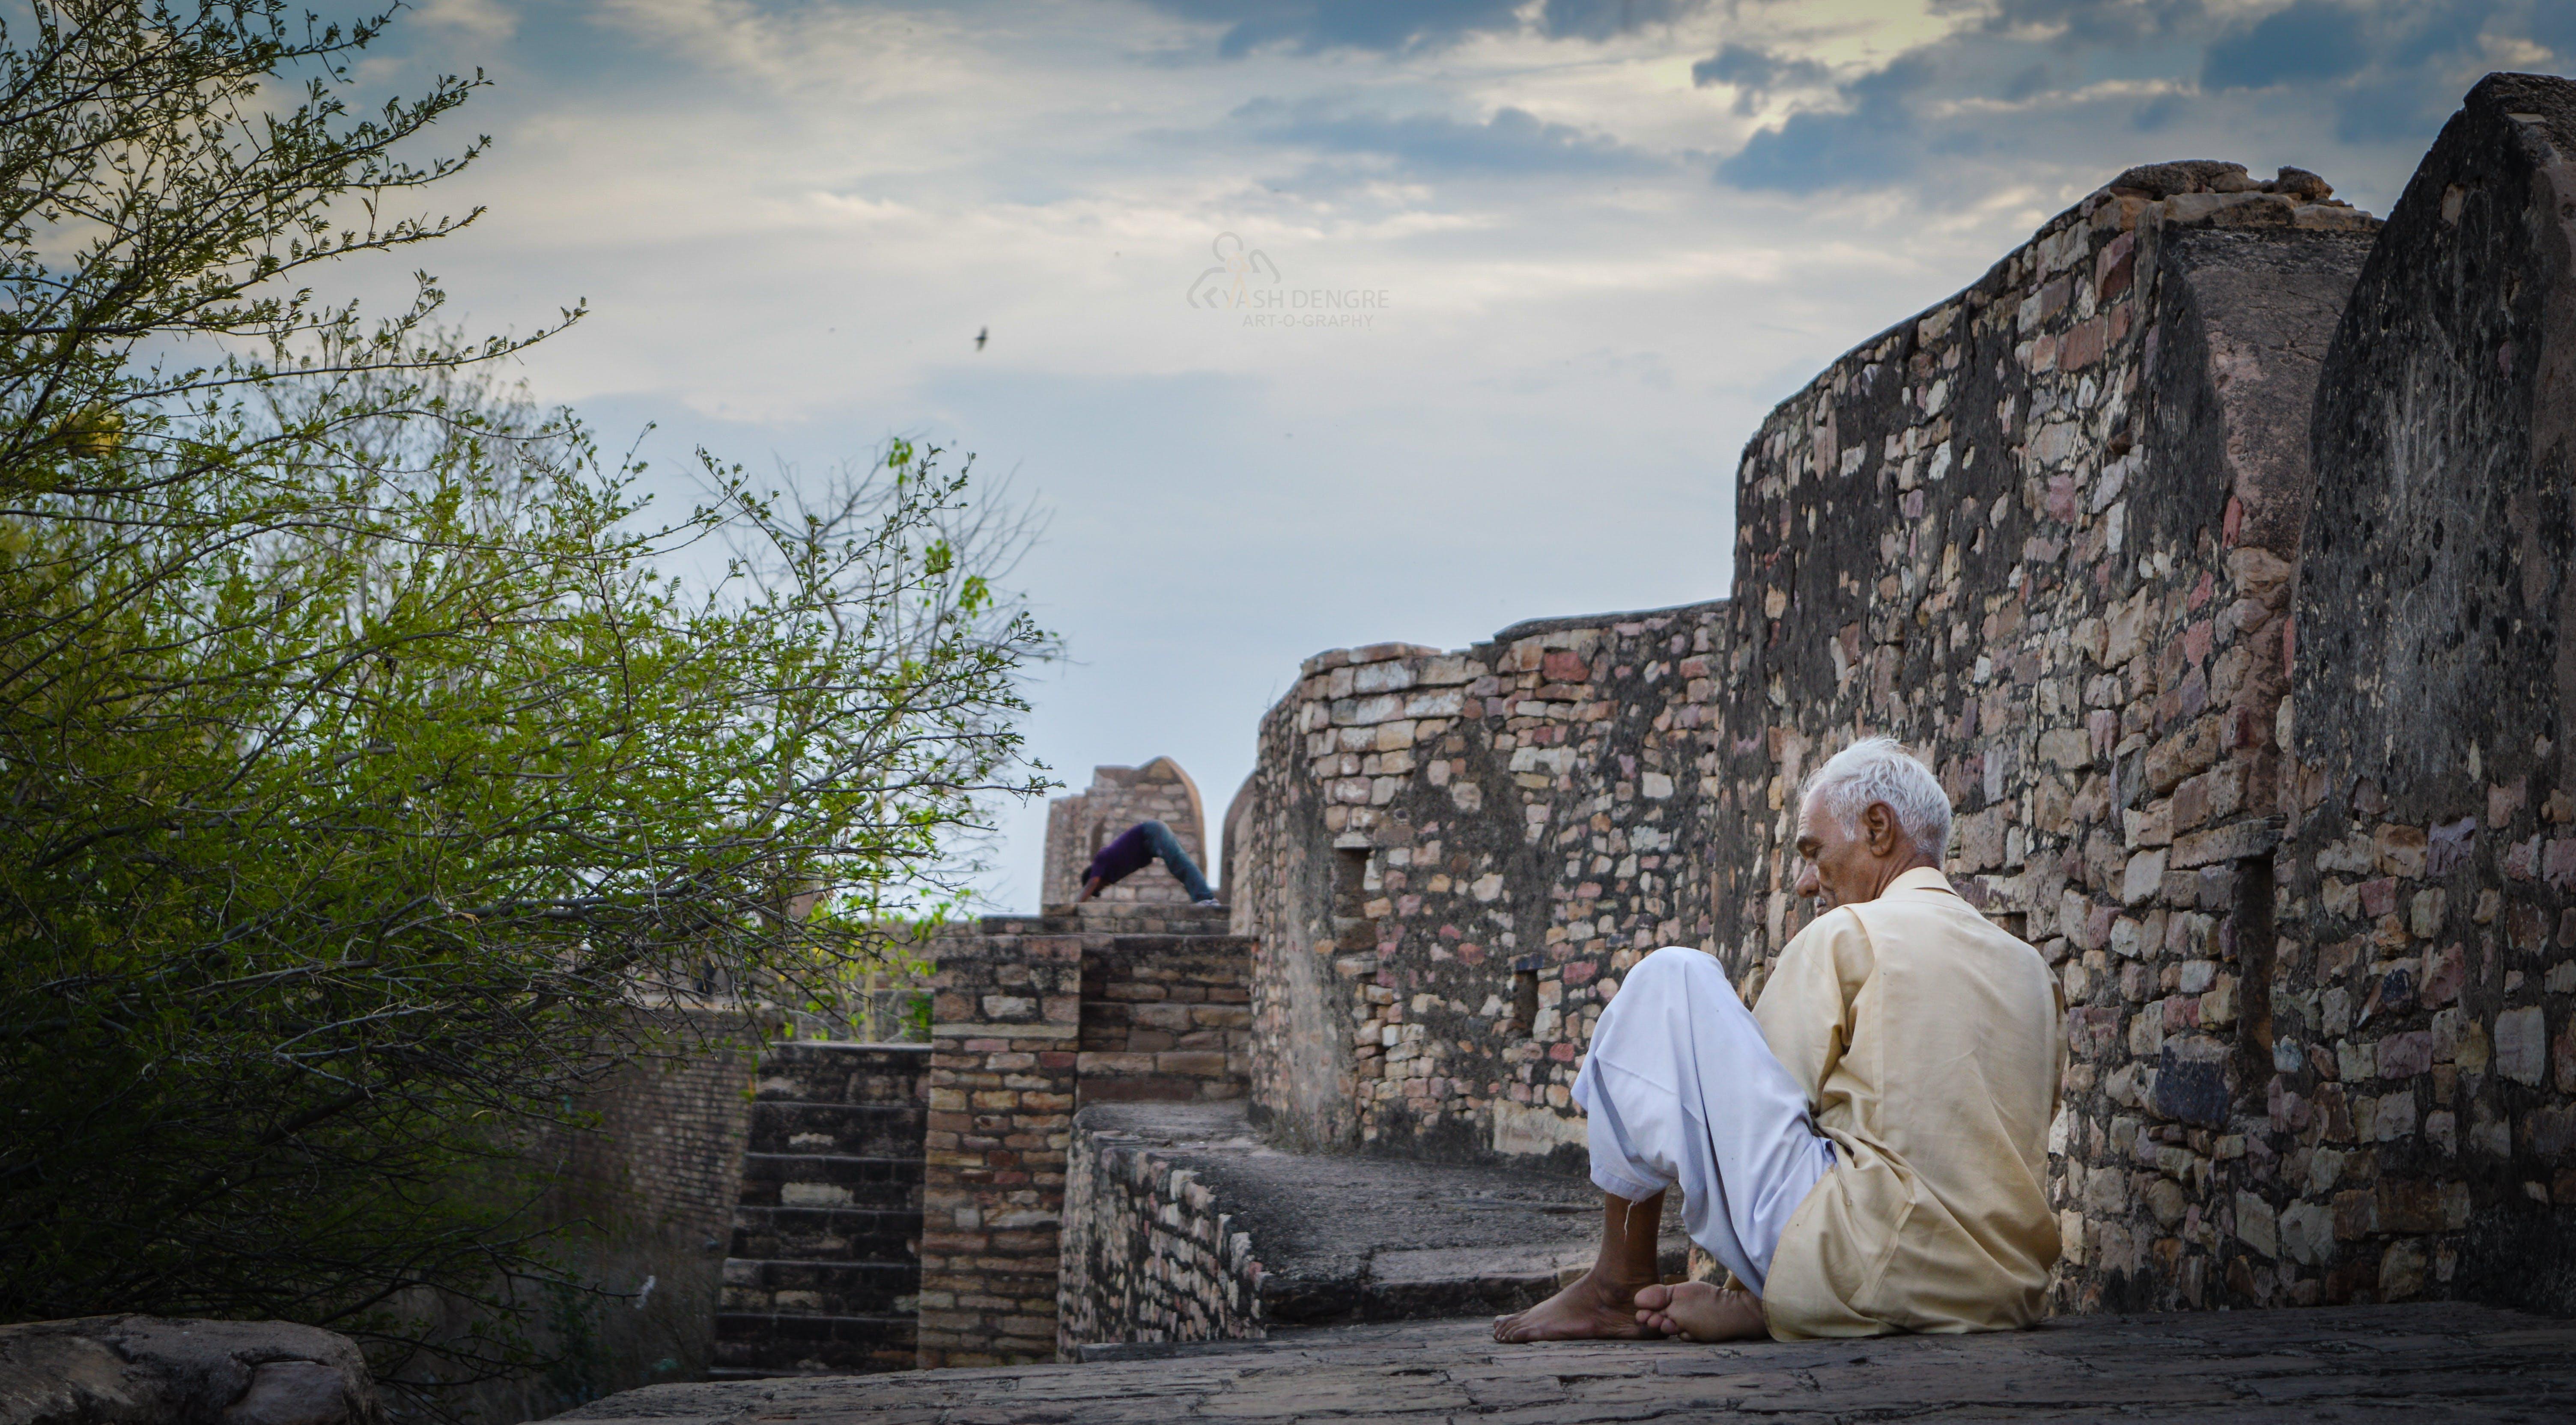 gesundheit, indien, meditation